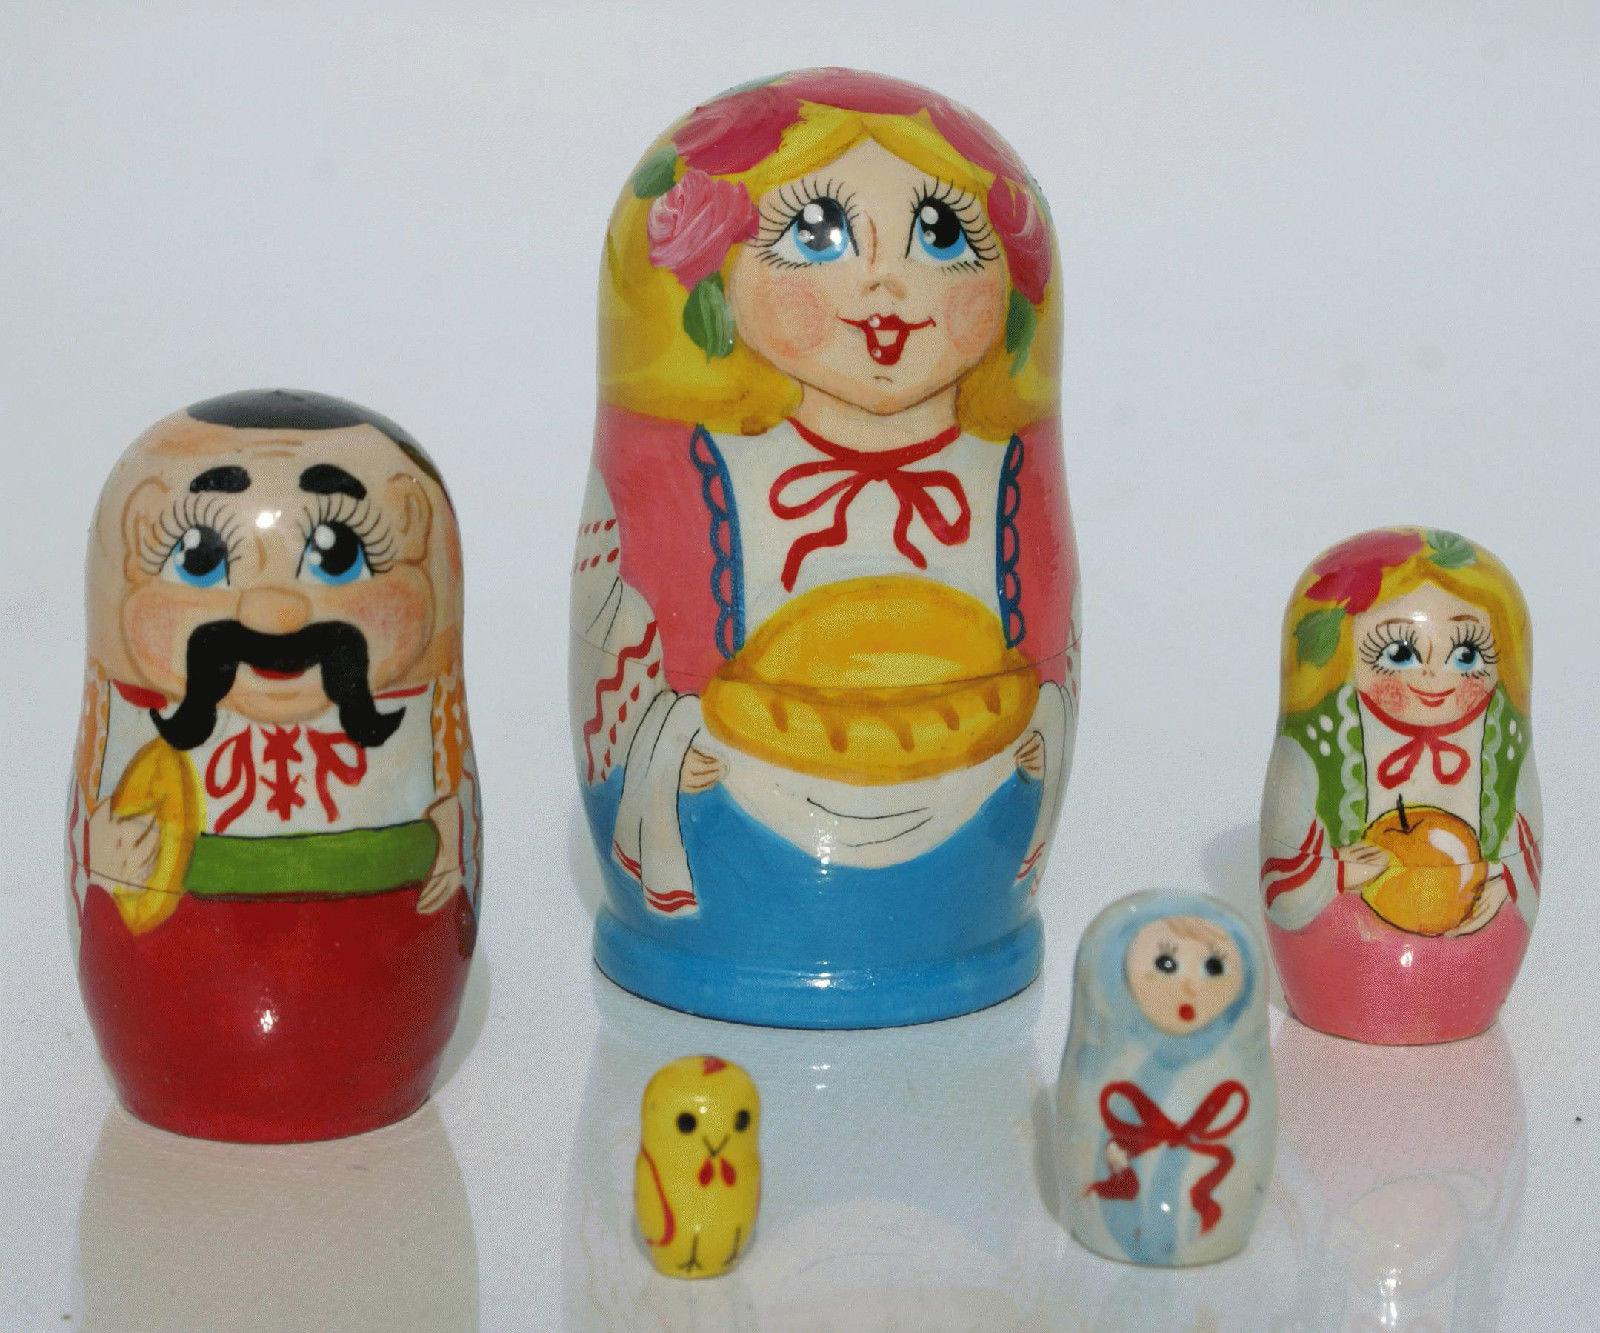 Bambola Russa Matryoshka famiglia Spilla Ciondolo dipinti a mano originale souvenir